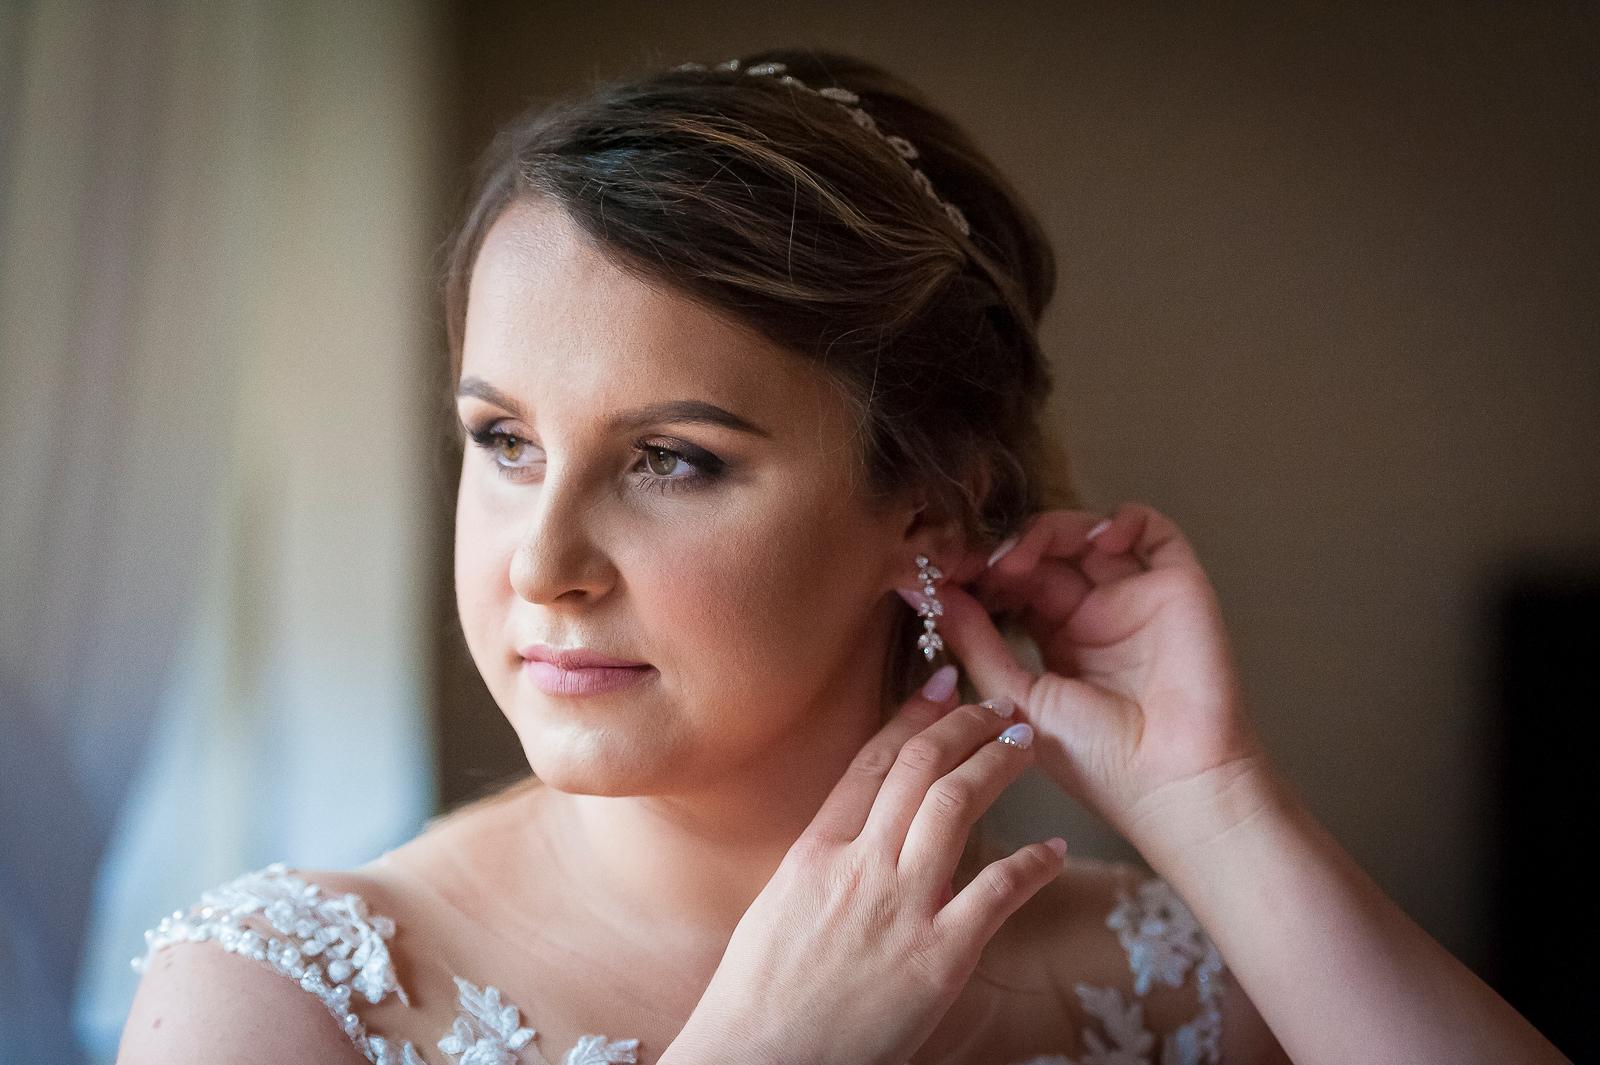 Ostatnie poprawki przed wyjściem do kościoła to dobry moment na uchwycenie kilku kadrów przez fotografa ślubnego.